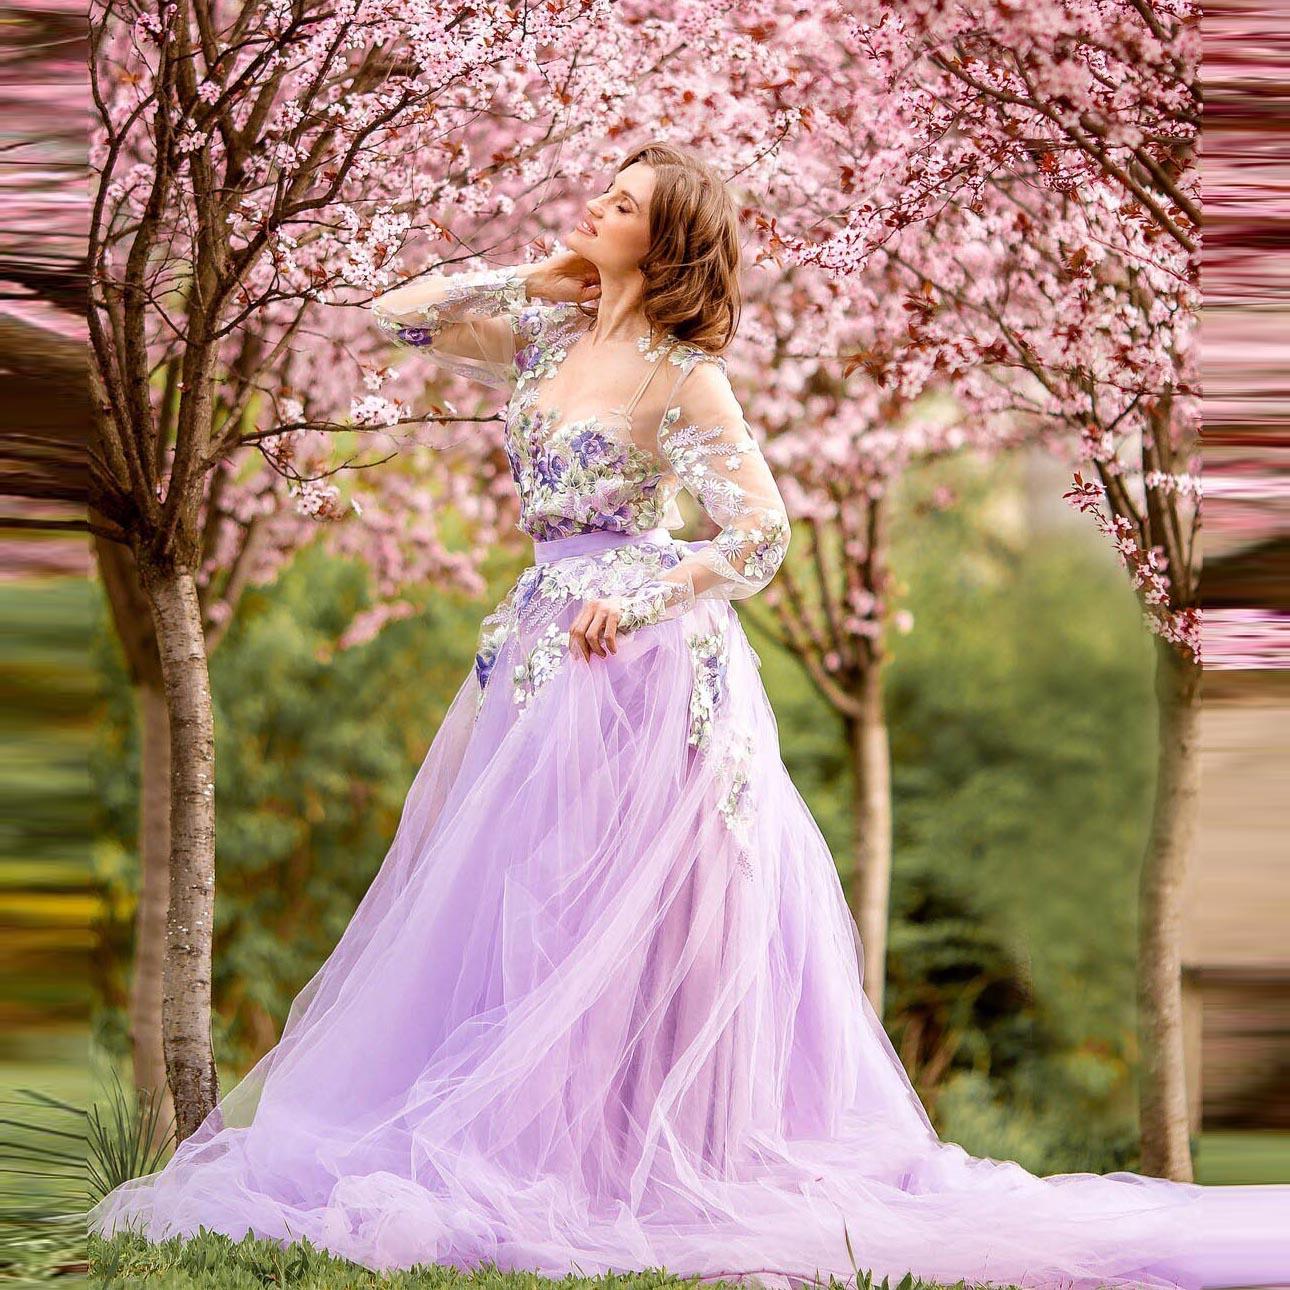 plus flower print see through longline kimono Lavender Tulle Dress Light Purple Dress For Photoshoot See Through Floral Print Evening Dresses With Train Flower Girl Dresses